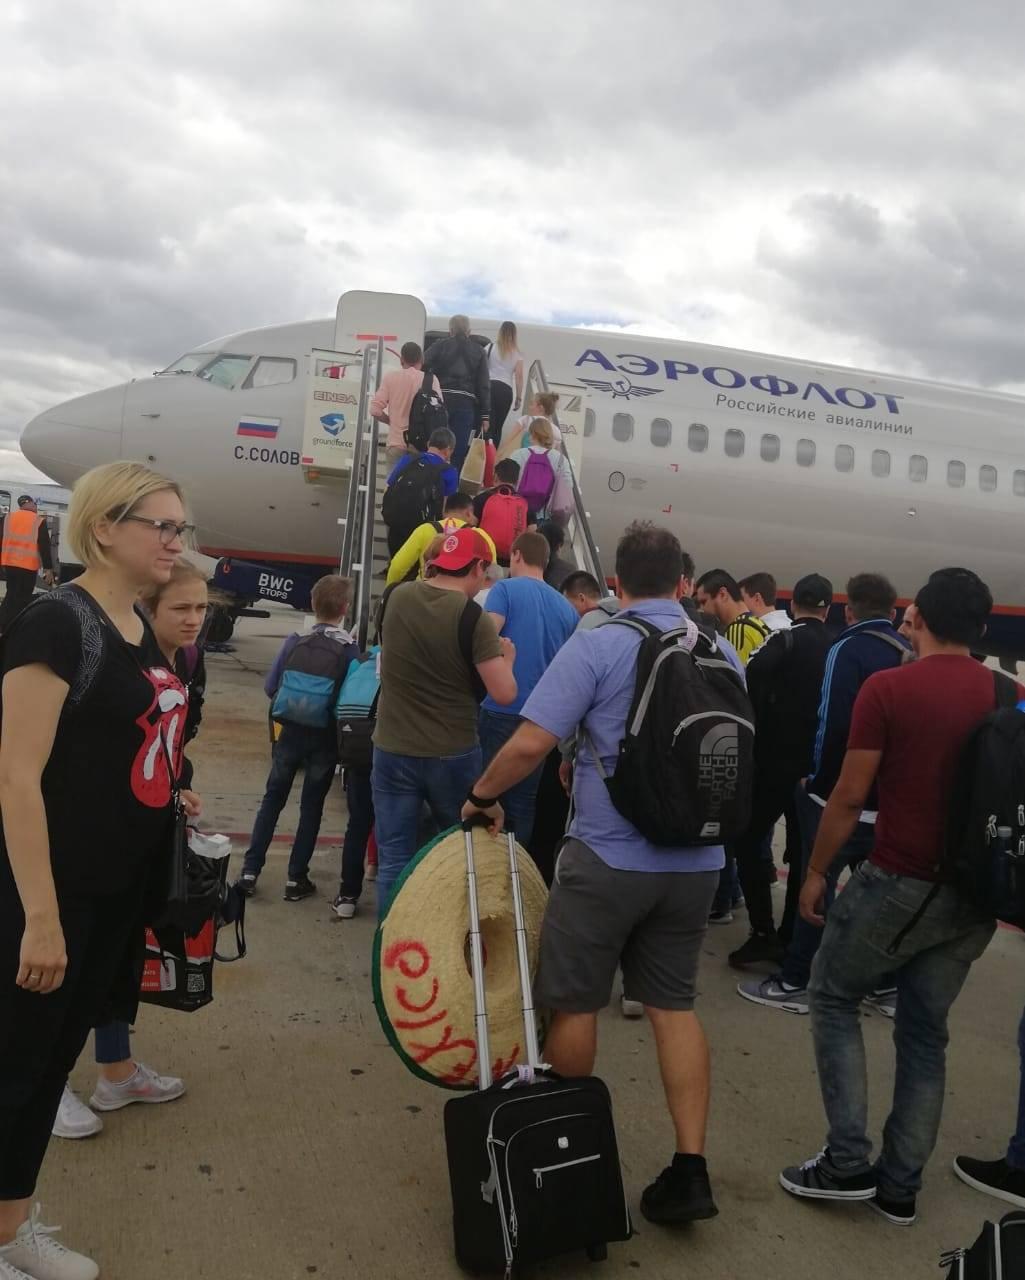 Así se vive la emoción dentro de un avión con latinos que viajan a Rusia